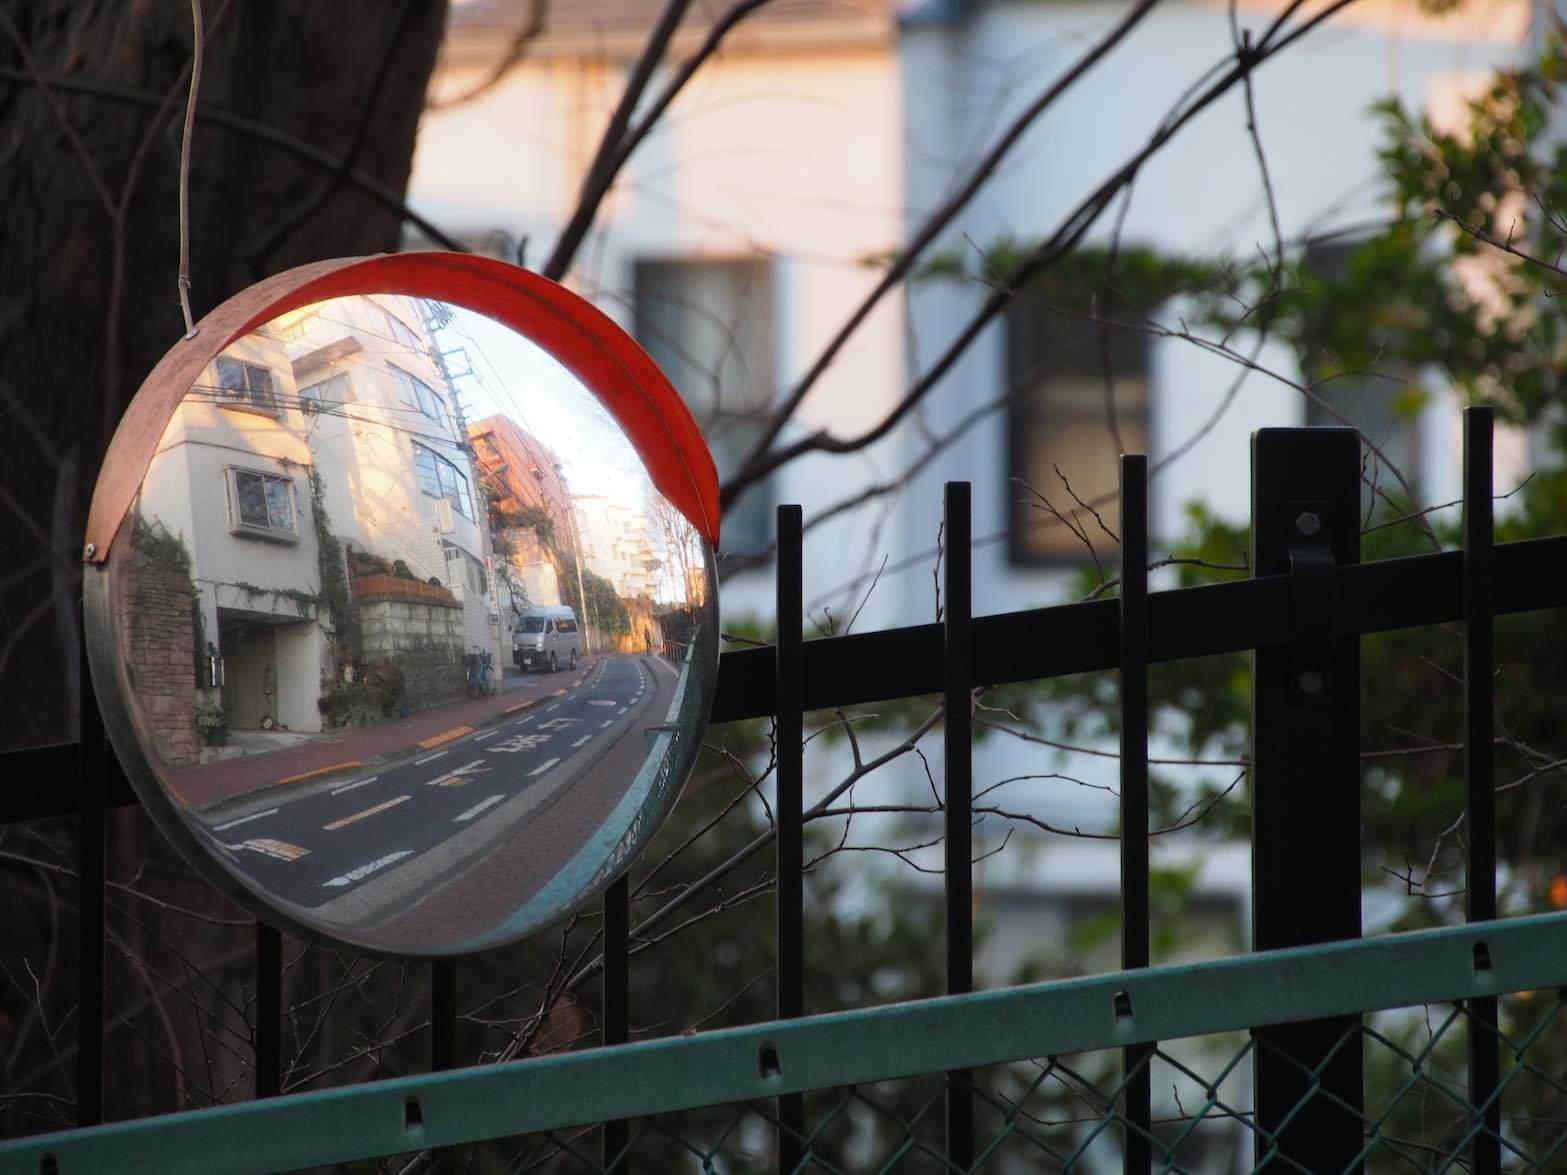 東急多摩川駅周辺8_b0360240_22115544.jpg